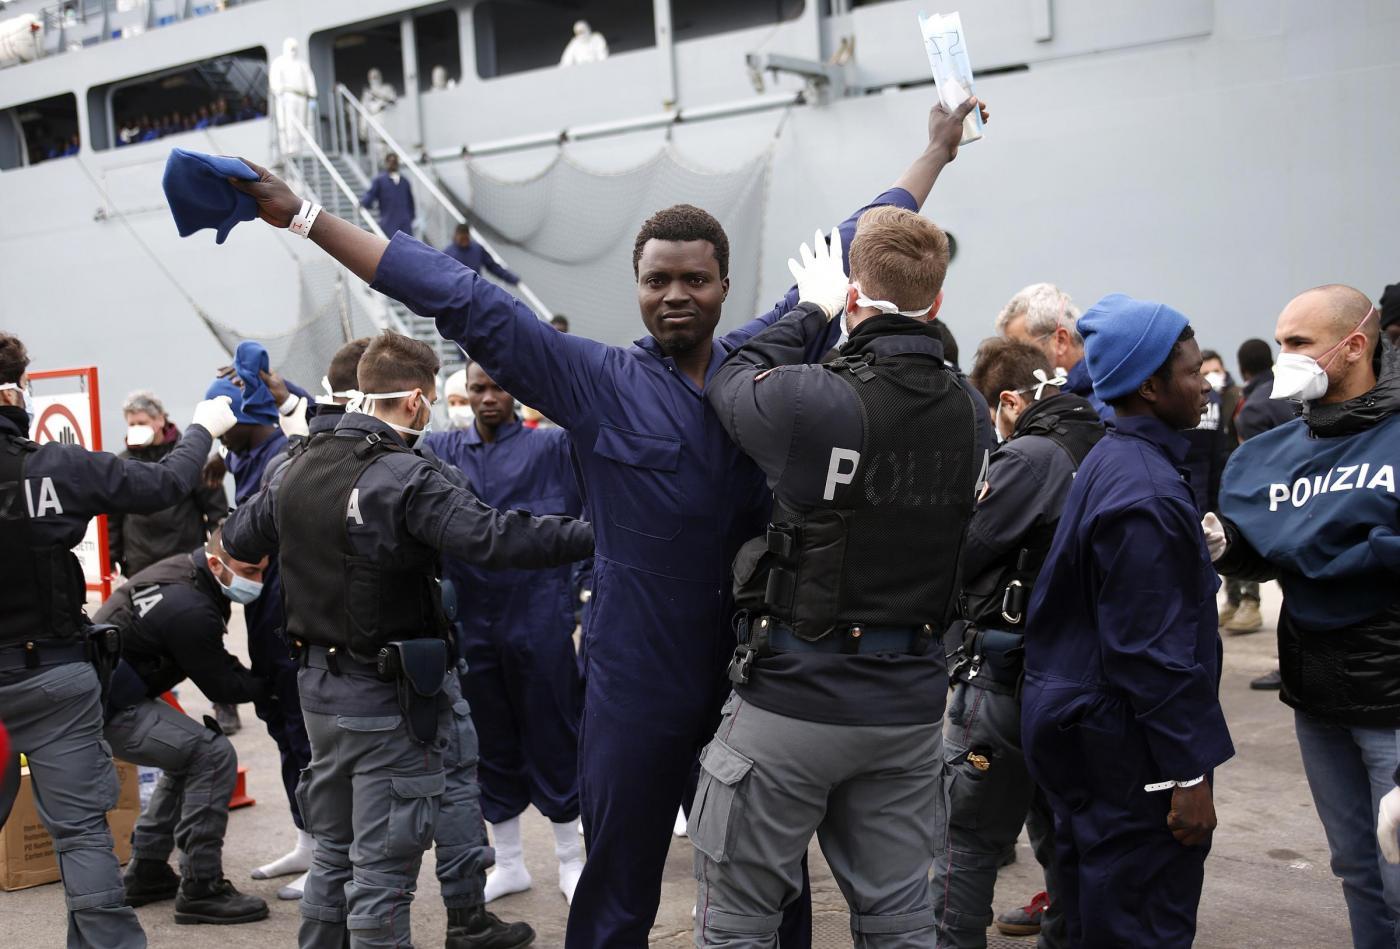 Migranti, prelievo delle impronte digitali con la forza: al via la norma del governo